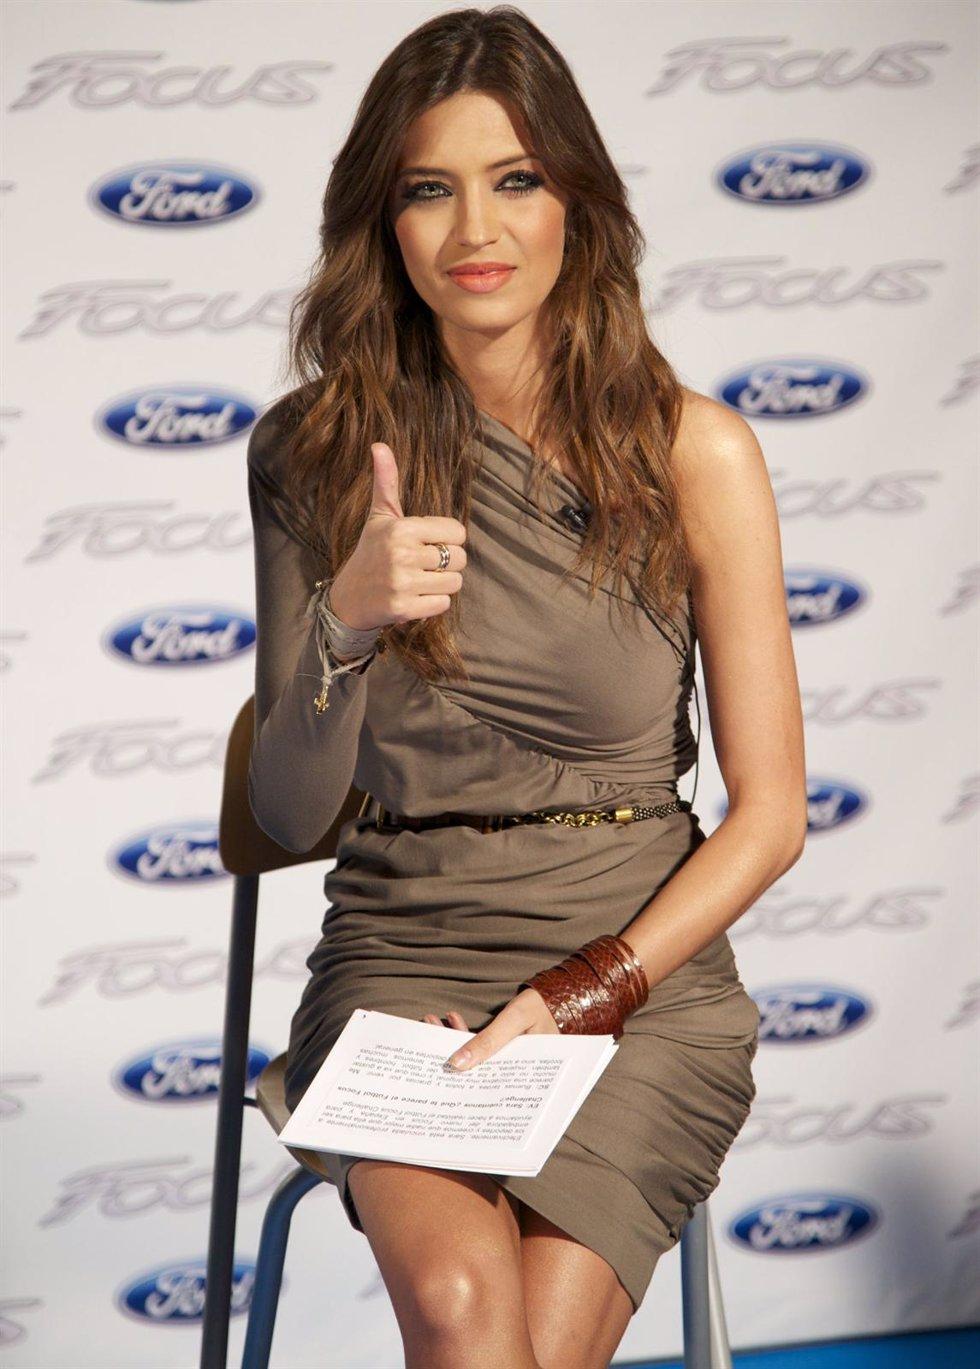 Sara Carbonero en una presentación de Ford